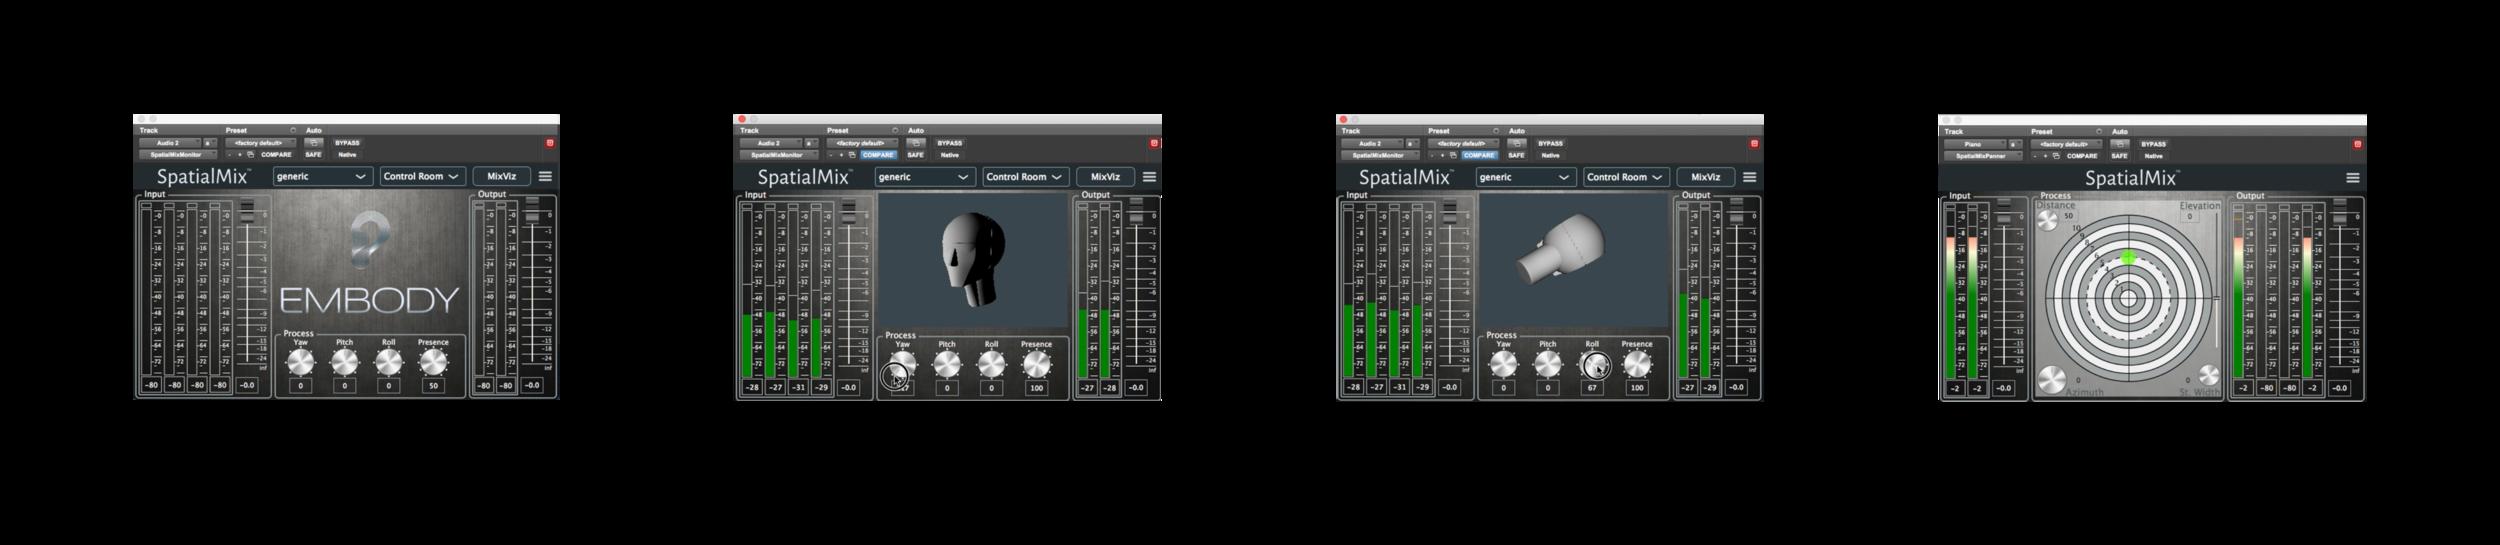 SpatialMix Suite Compo 1.png